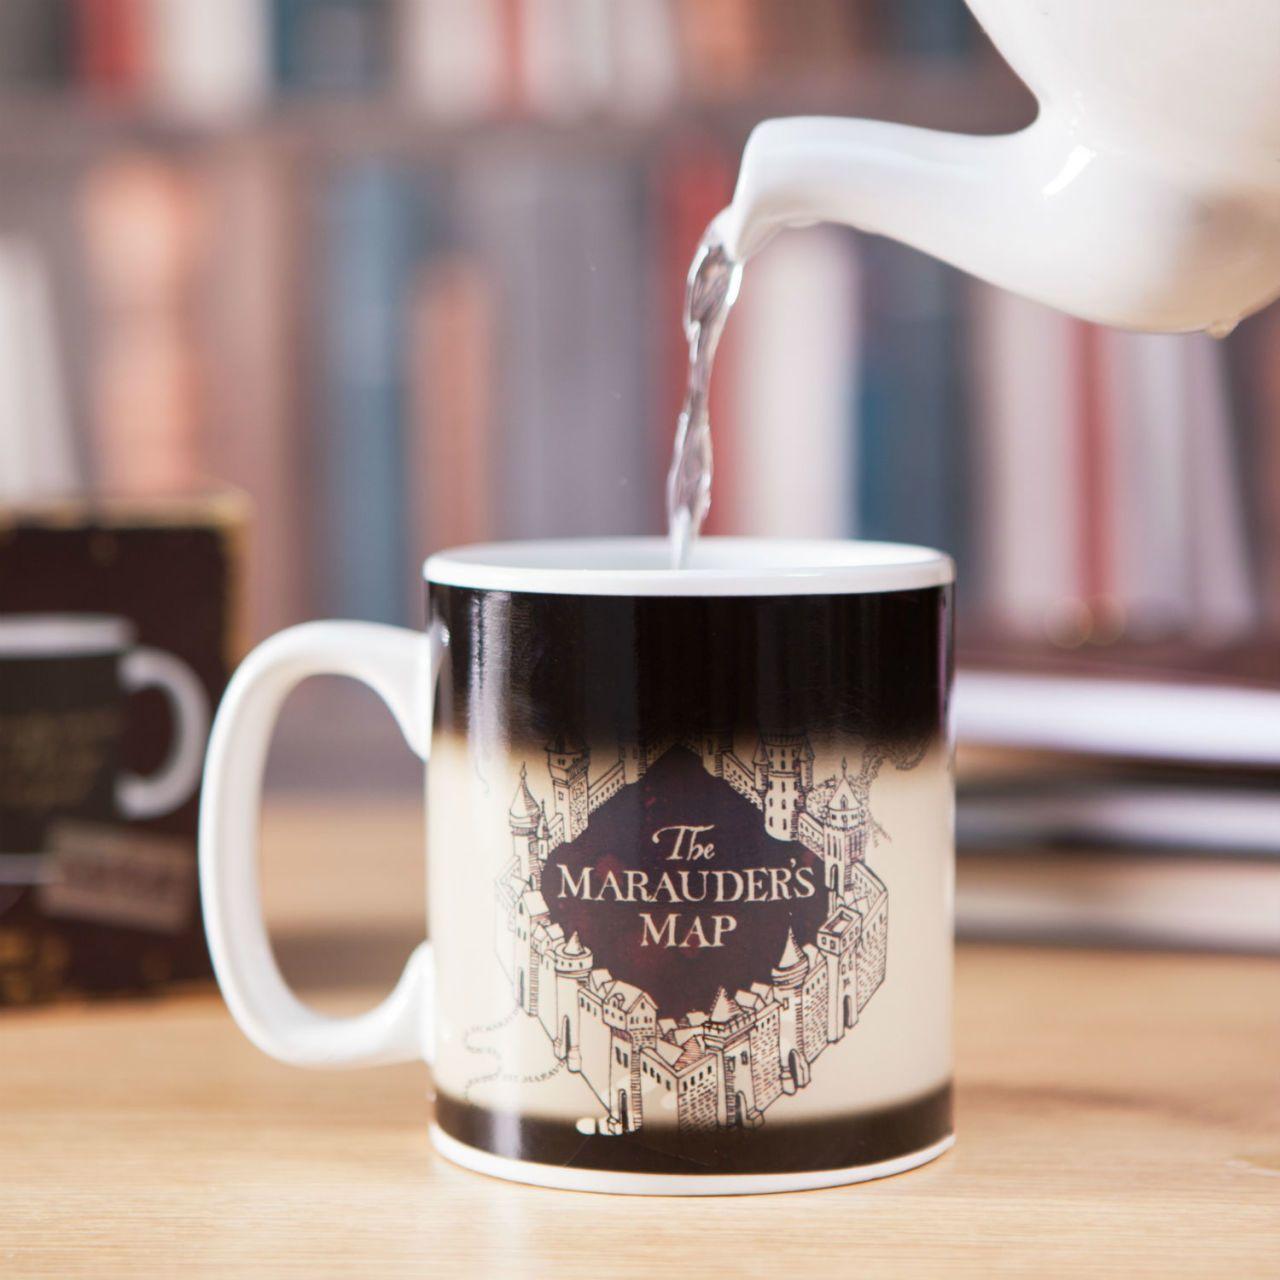 Potter fans can buy this incredible Marauder's Map mug